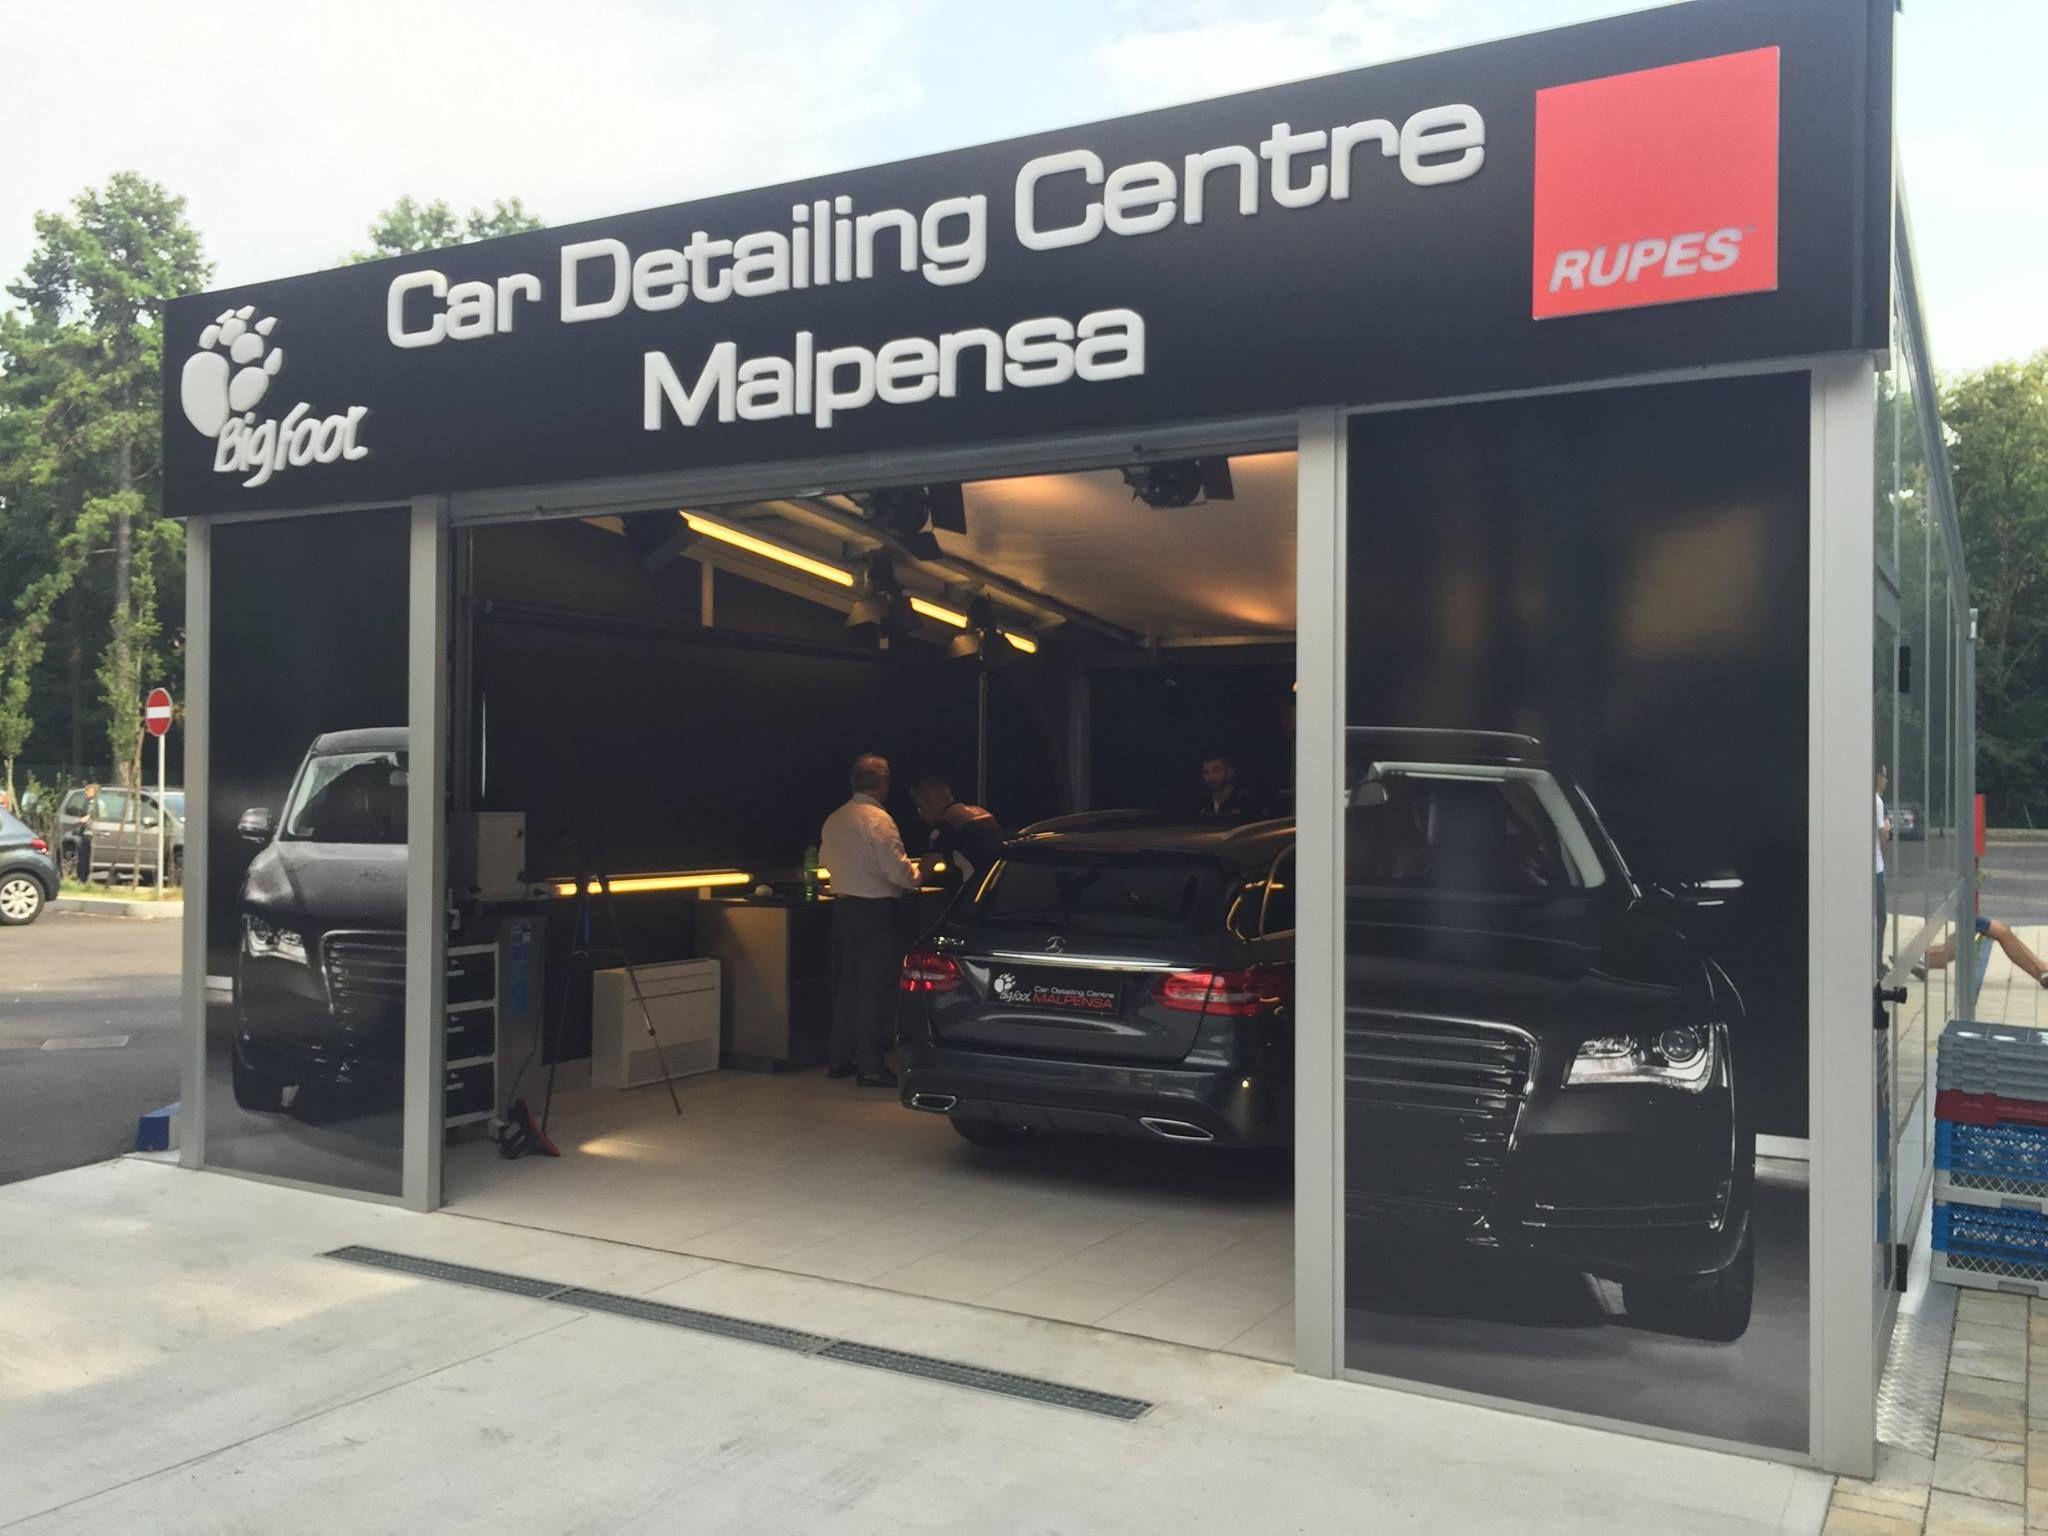 Pin De Ari Martimbianco Em Exhibitions And Events Worldwide Projetos De Casas Terreas Garagem Oficina Mecanica